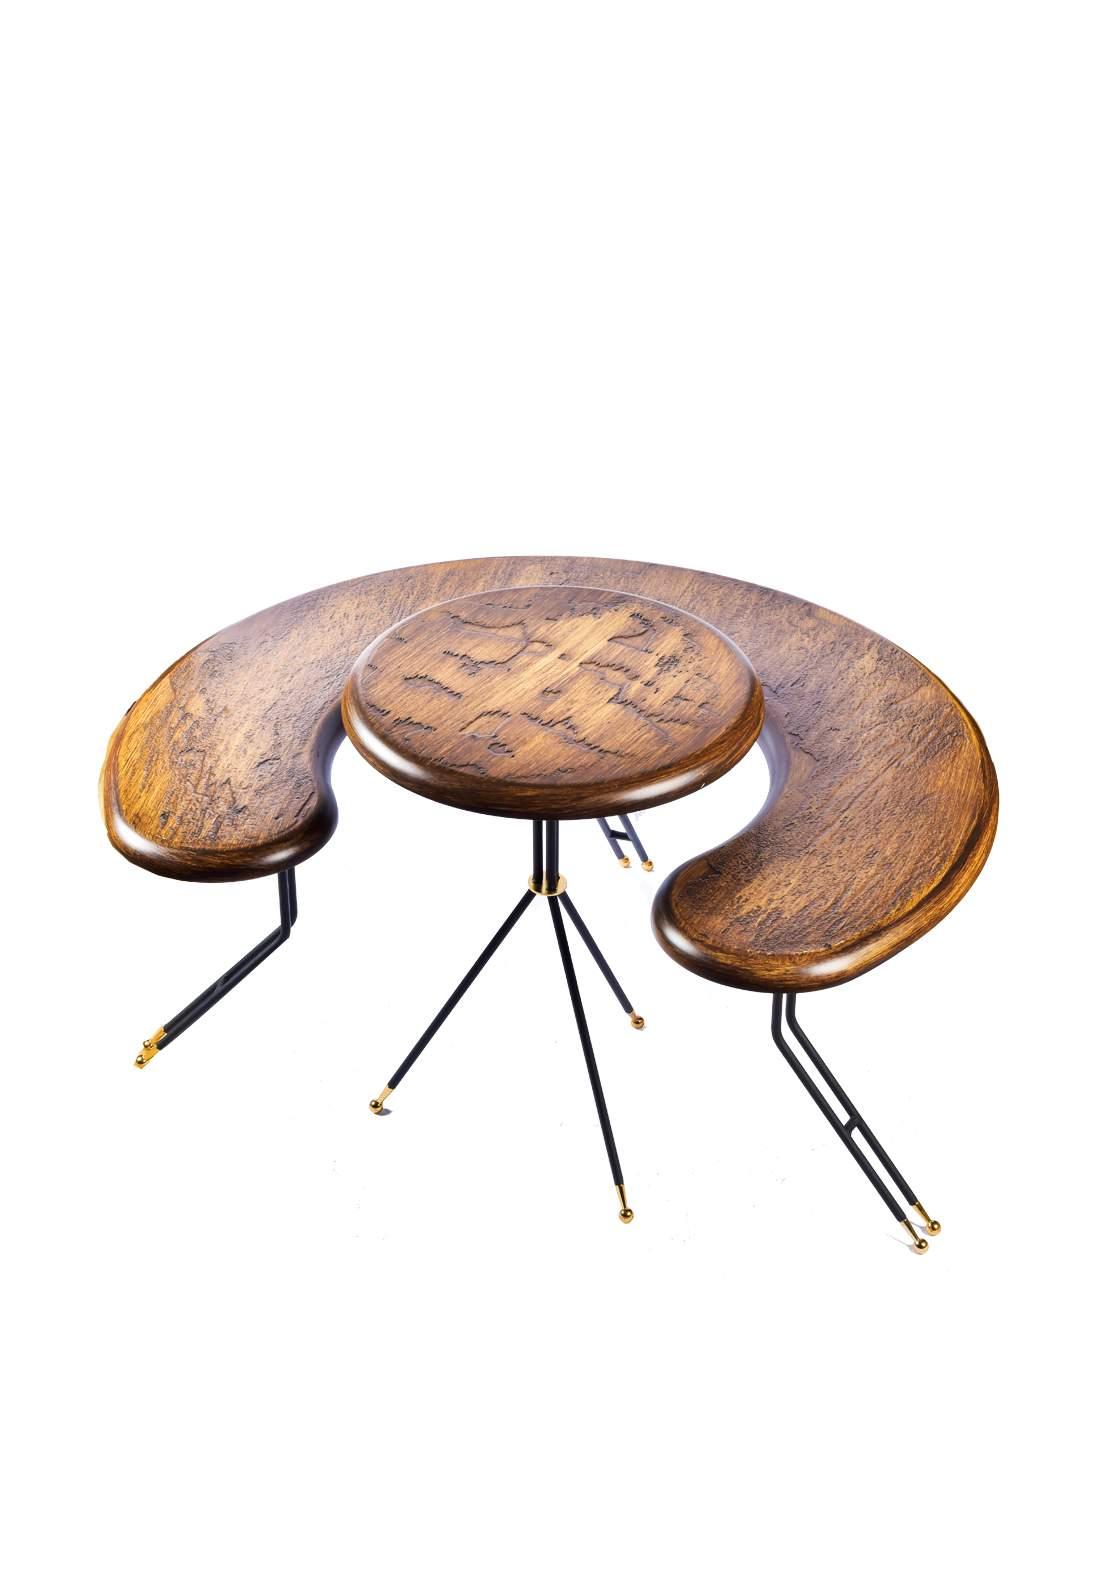 سيت ميز مع طبلة خشب طبيعي من ايوانكو